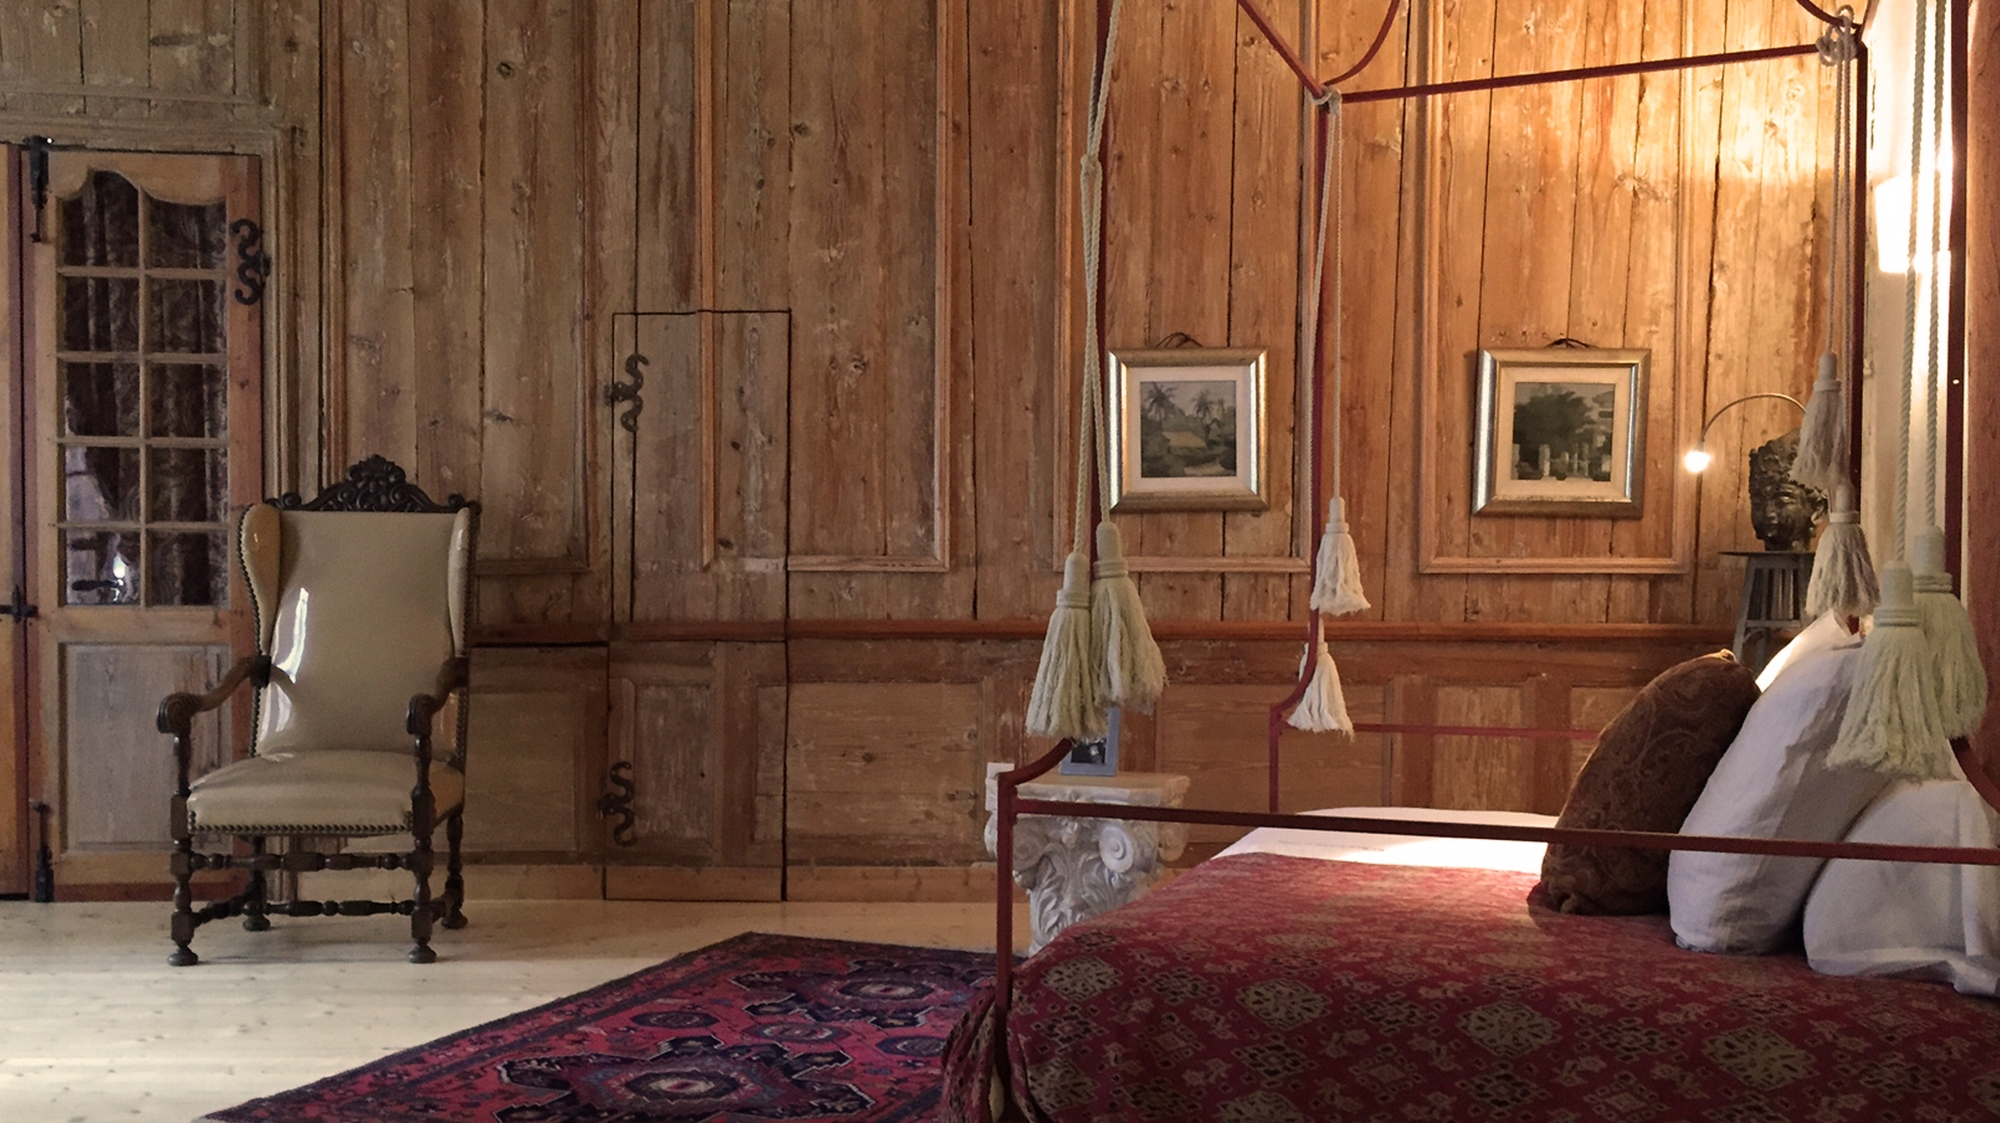 La demeure du lac de fug res chambre d 39 h tes le puy en velay auvergne vacances - Le puy en velay chambre d hote ...